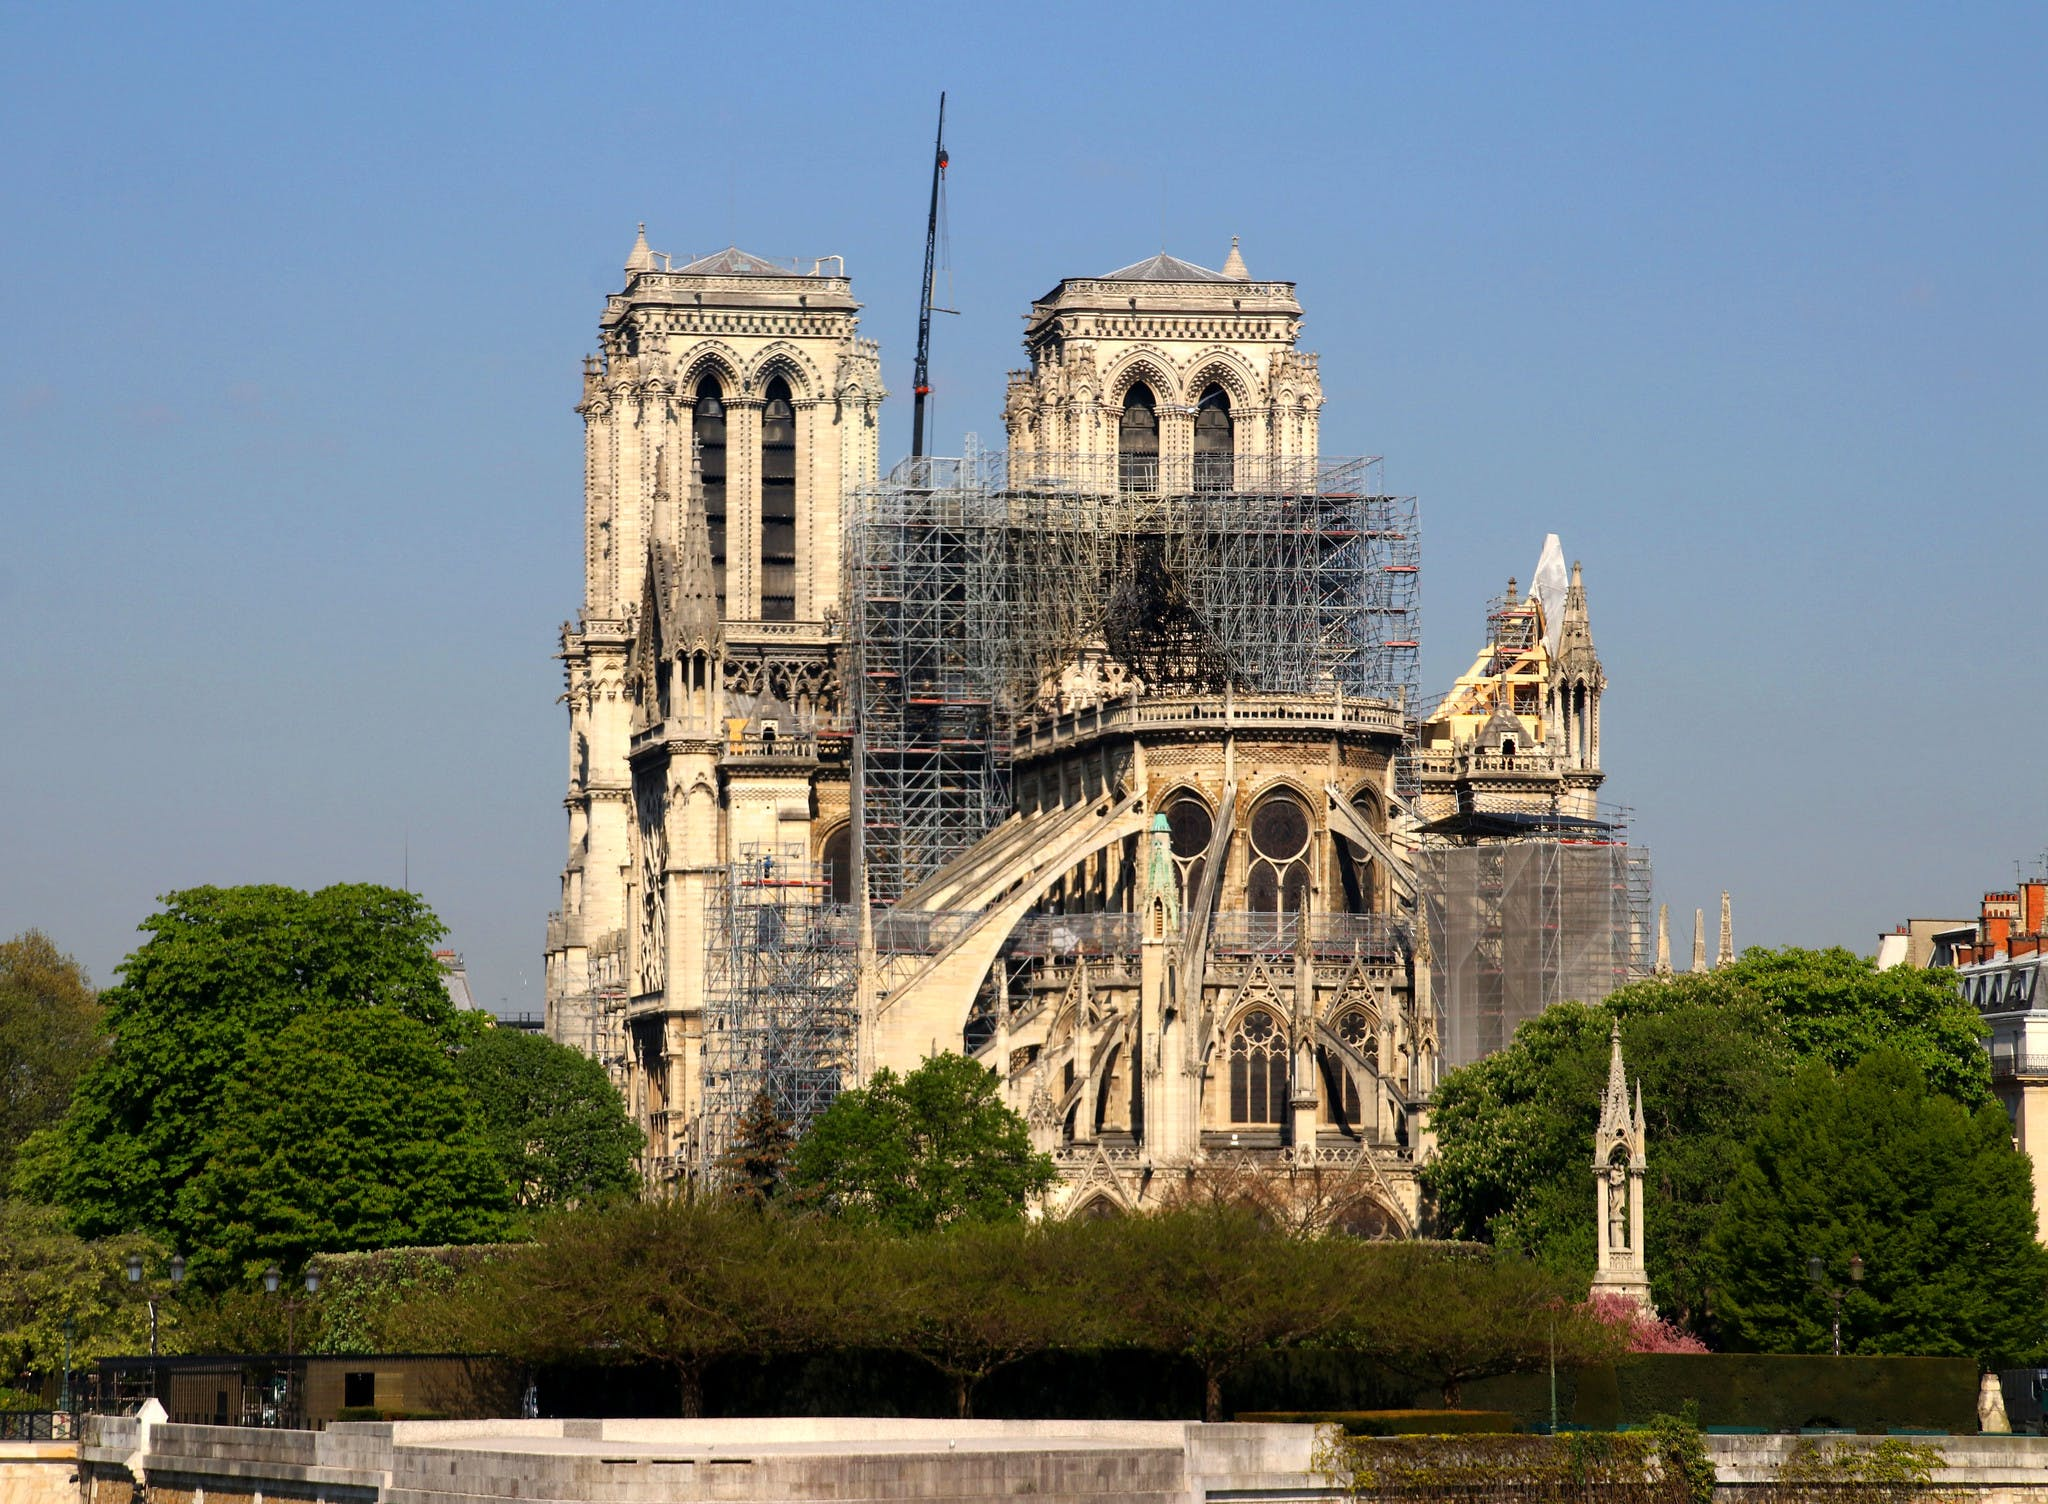 840 de milioane de euro colectaţi din donaţii pentru restaurarea Catedralei Notre-Dame din Paris